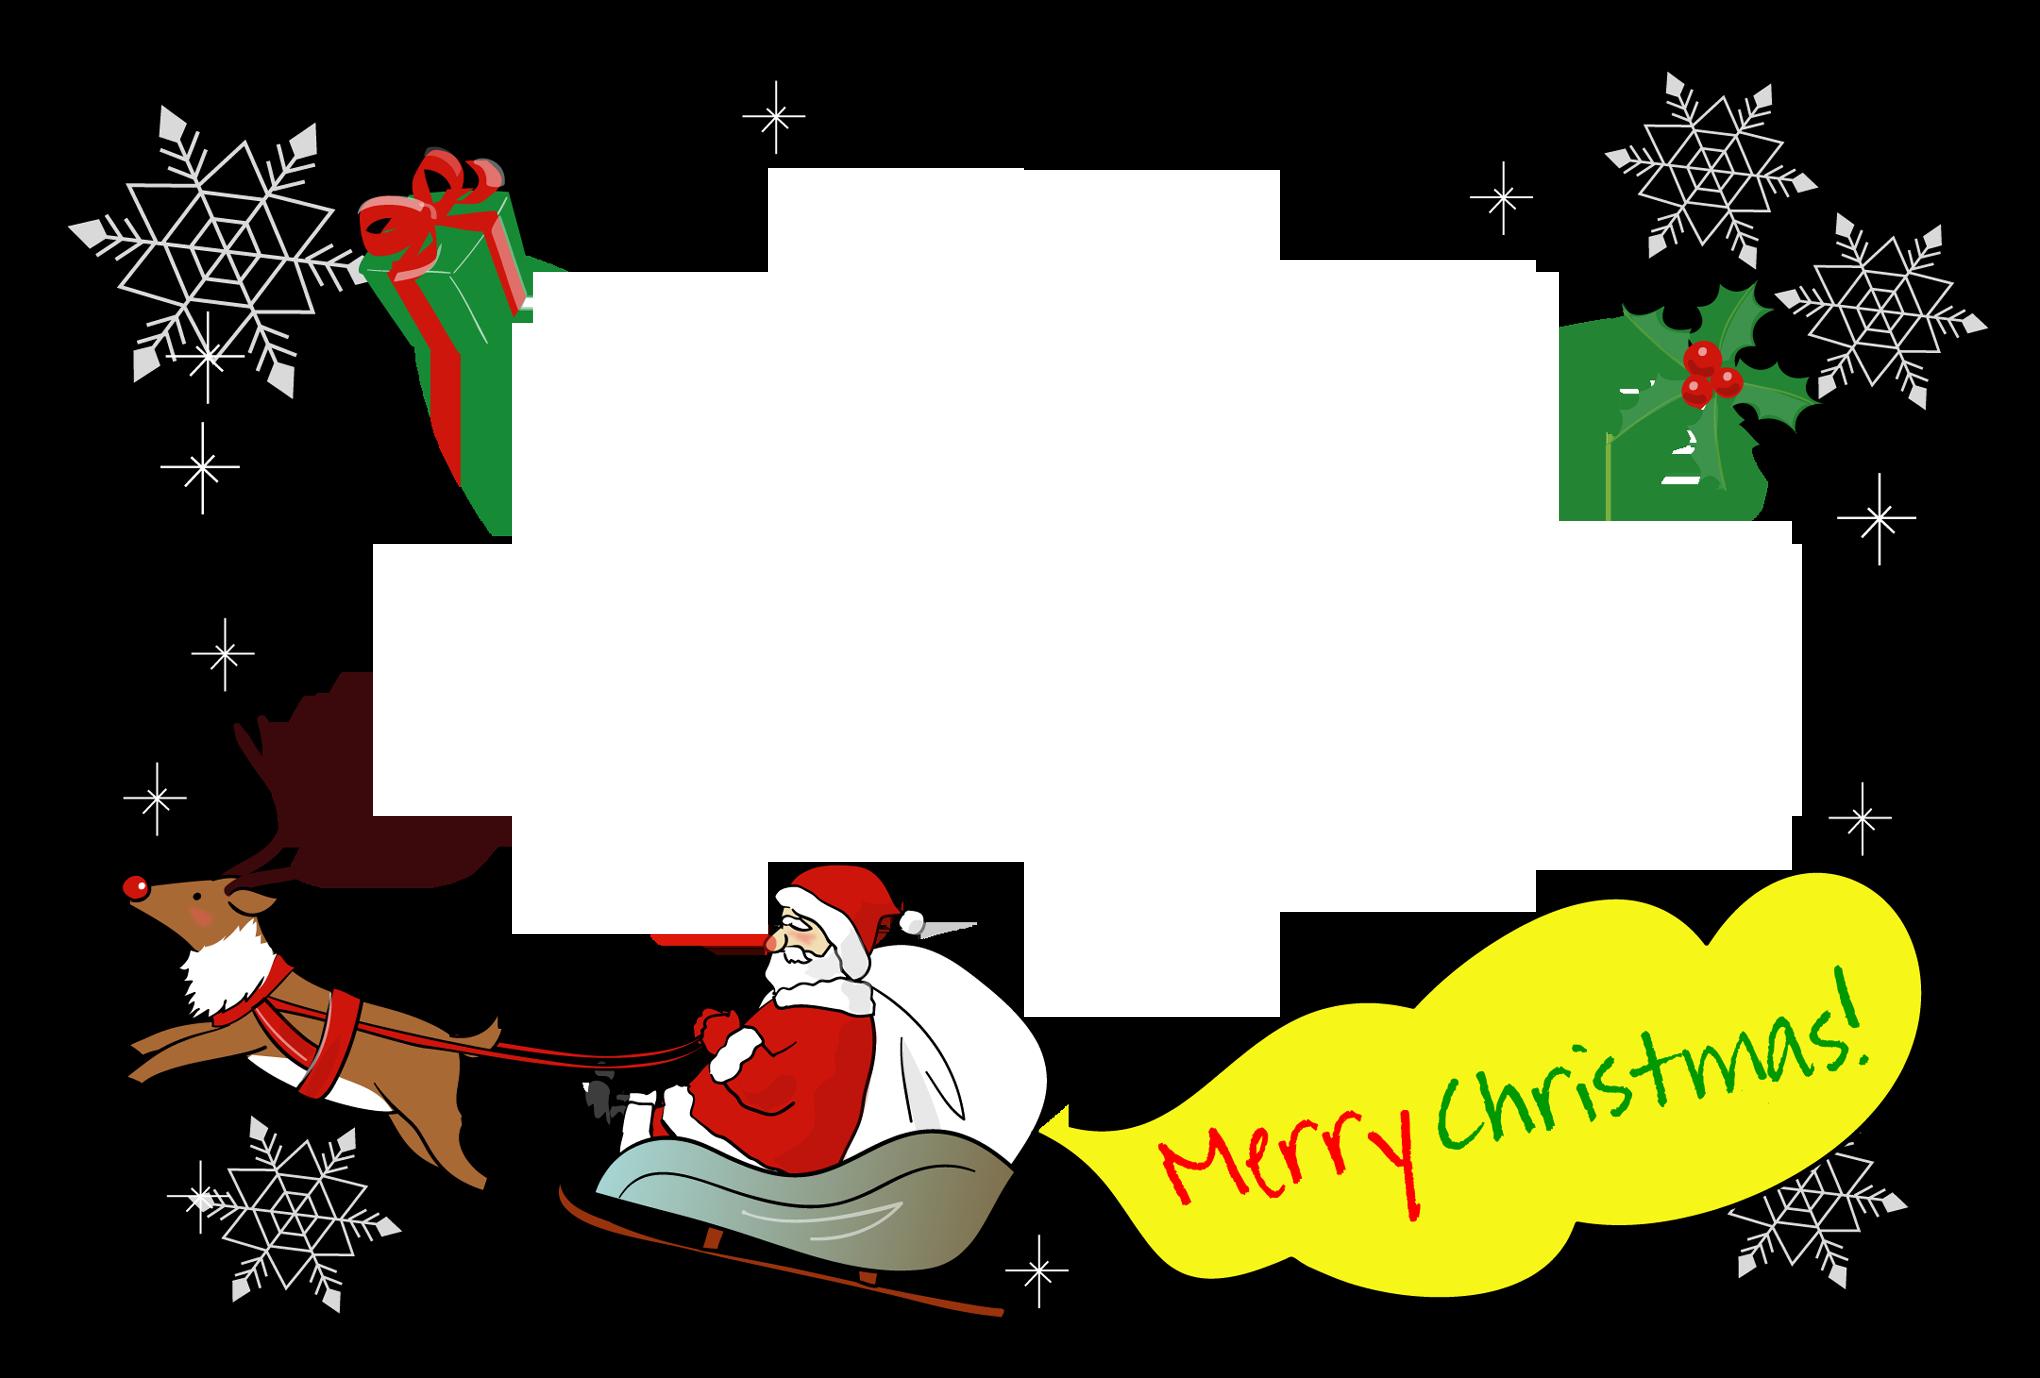 カード クリスマスカード 無料ダウンロード : 館」クリスマスカード ...